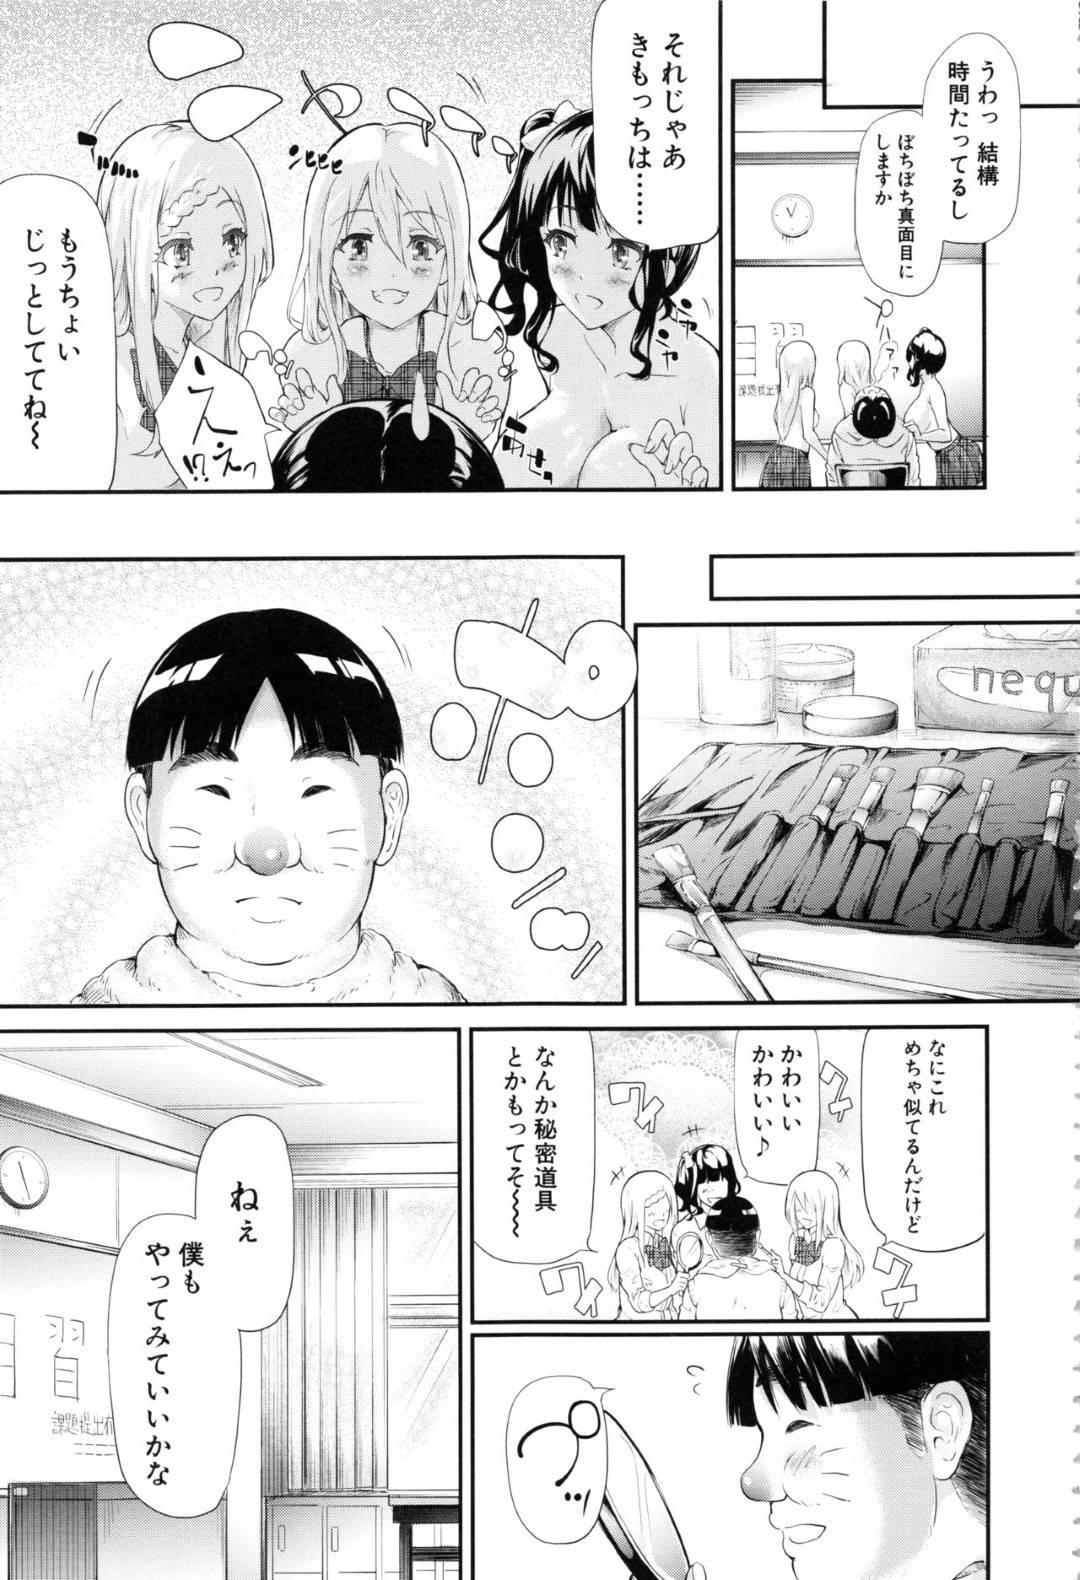 【ギャルエロ漫画】田辺は授業中にギャル達にチンコを弄ばれ乱交セックス【史鬼匠人】